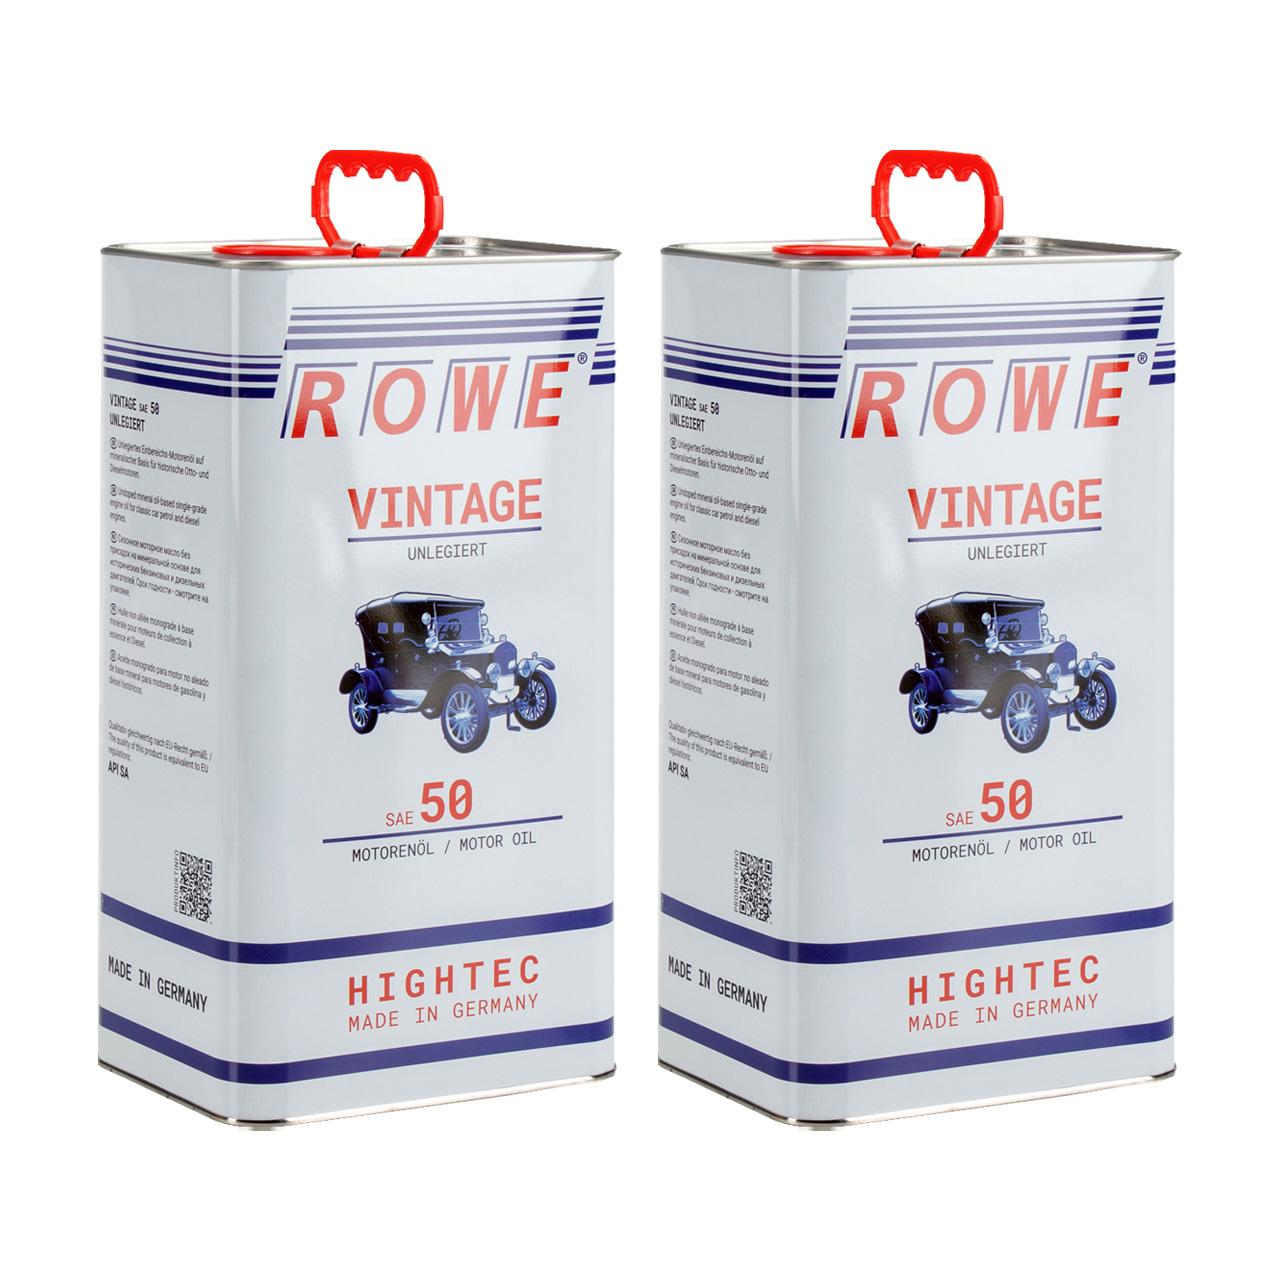 10L 10 Liter ROWE Motoröl Öl VINTAGE Unlegiert SAE 50 Oldtimer Einbereichs-Öl